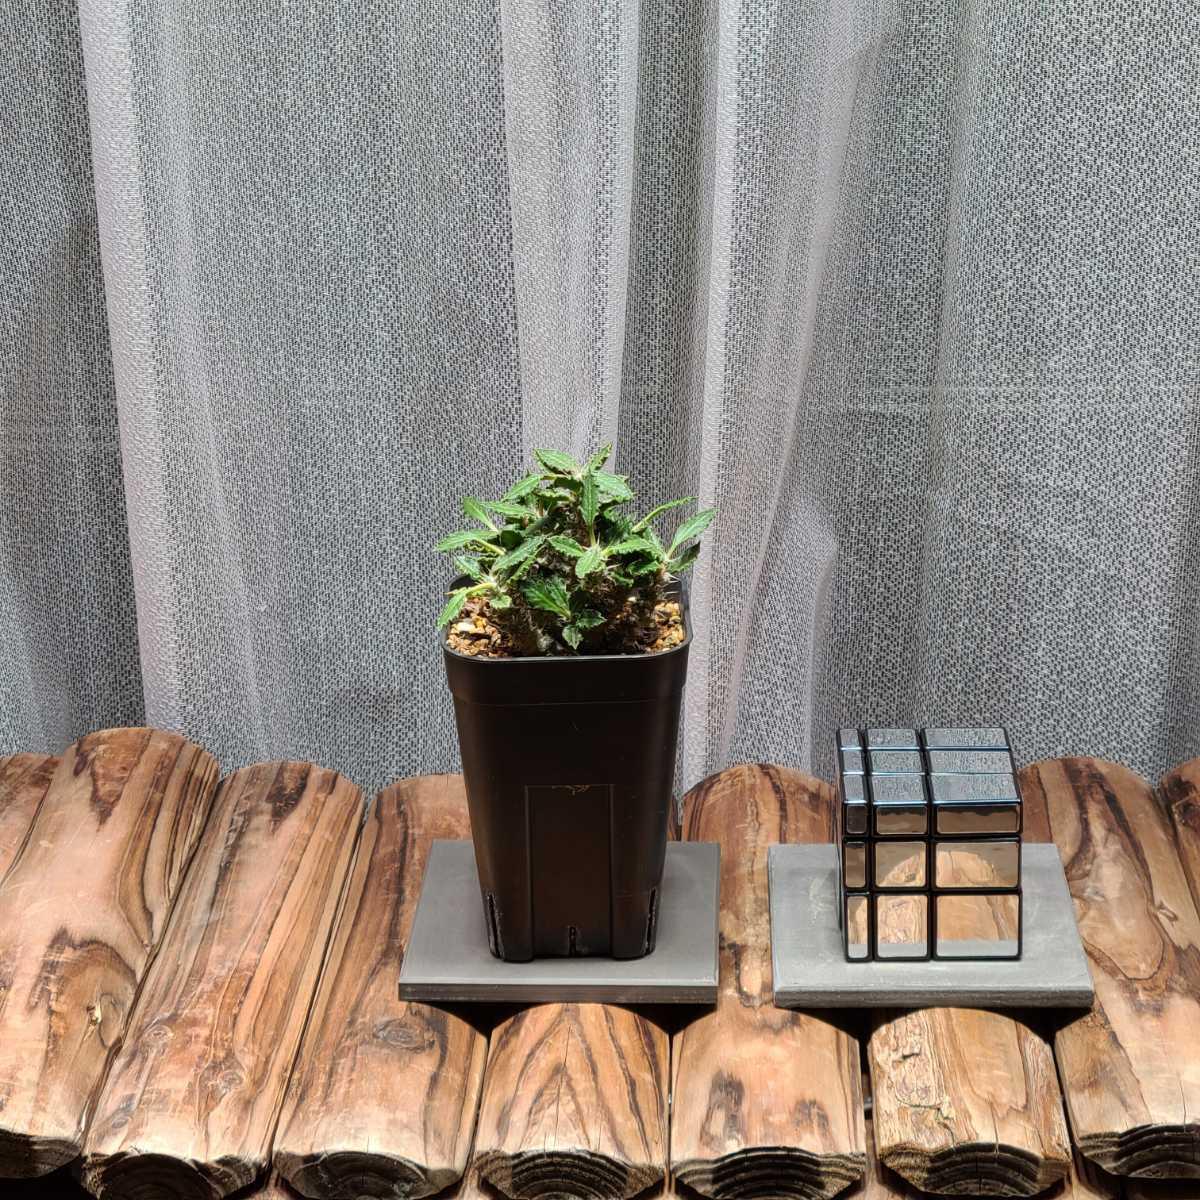 ユーフォルビア トゥレアレンシス コレクション TOKY 塊根植物 多肉植物 希少 パキポディウム グラキリス_画像4